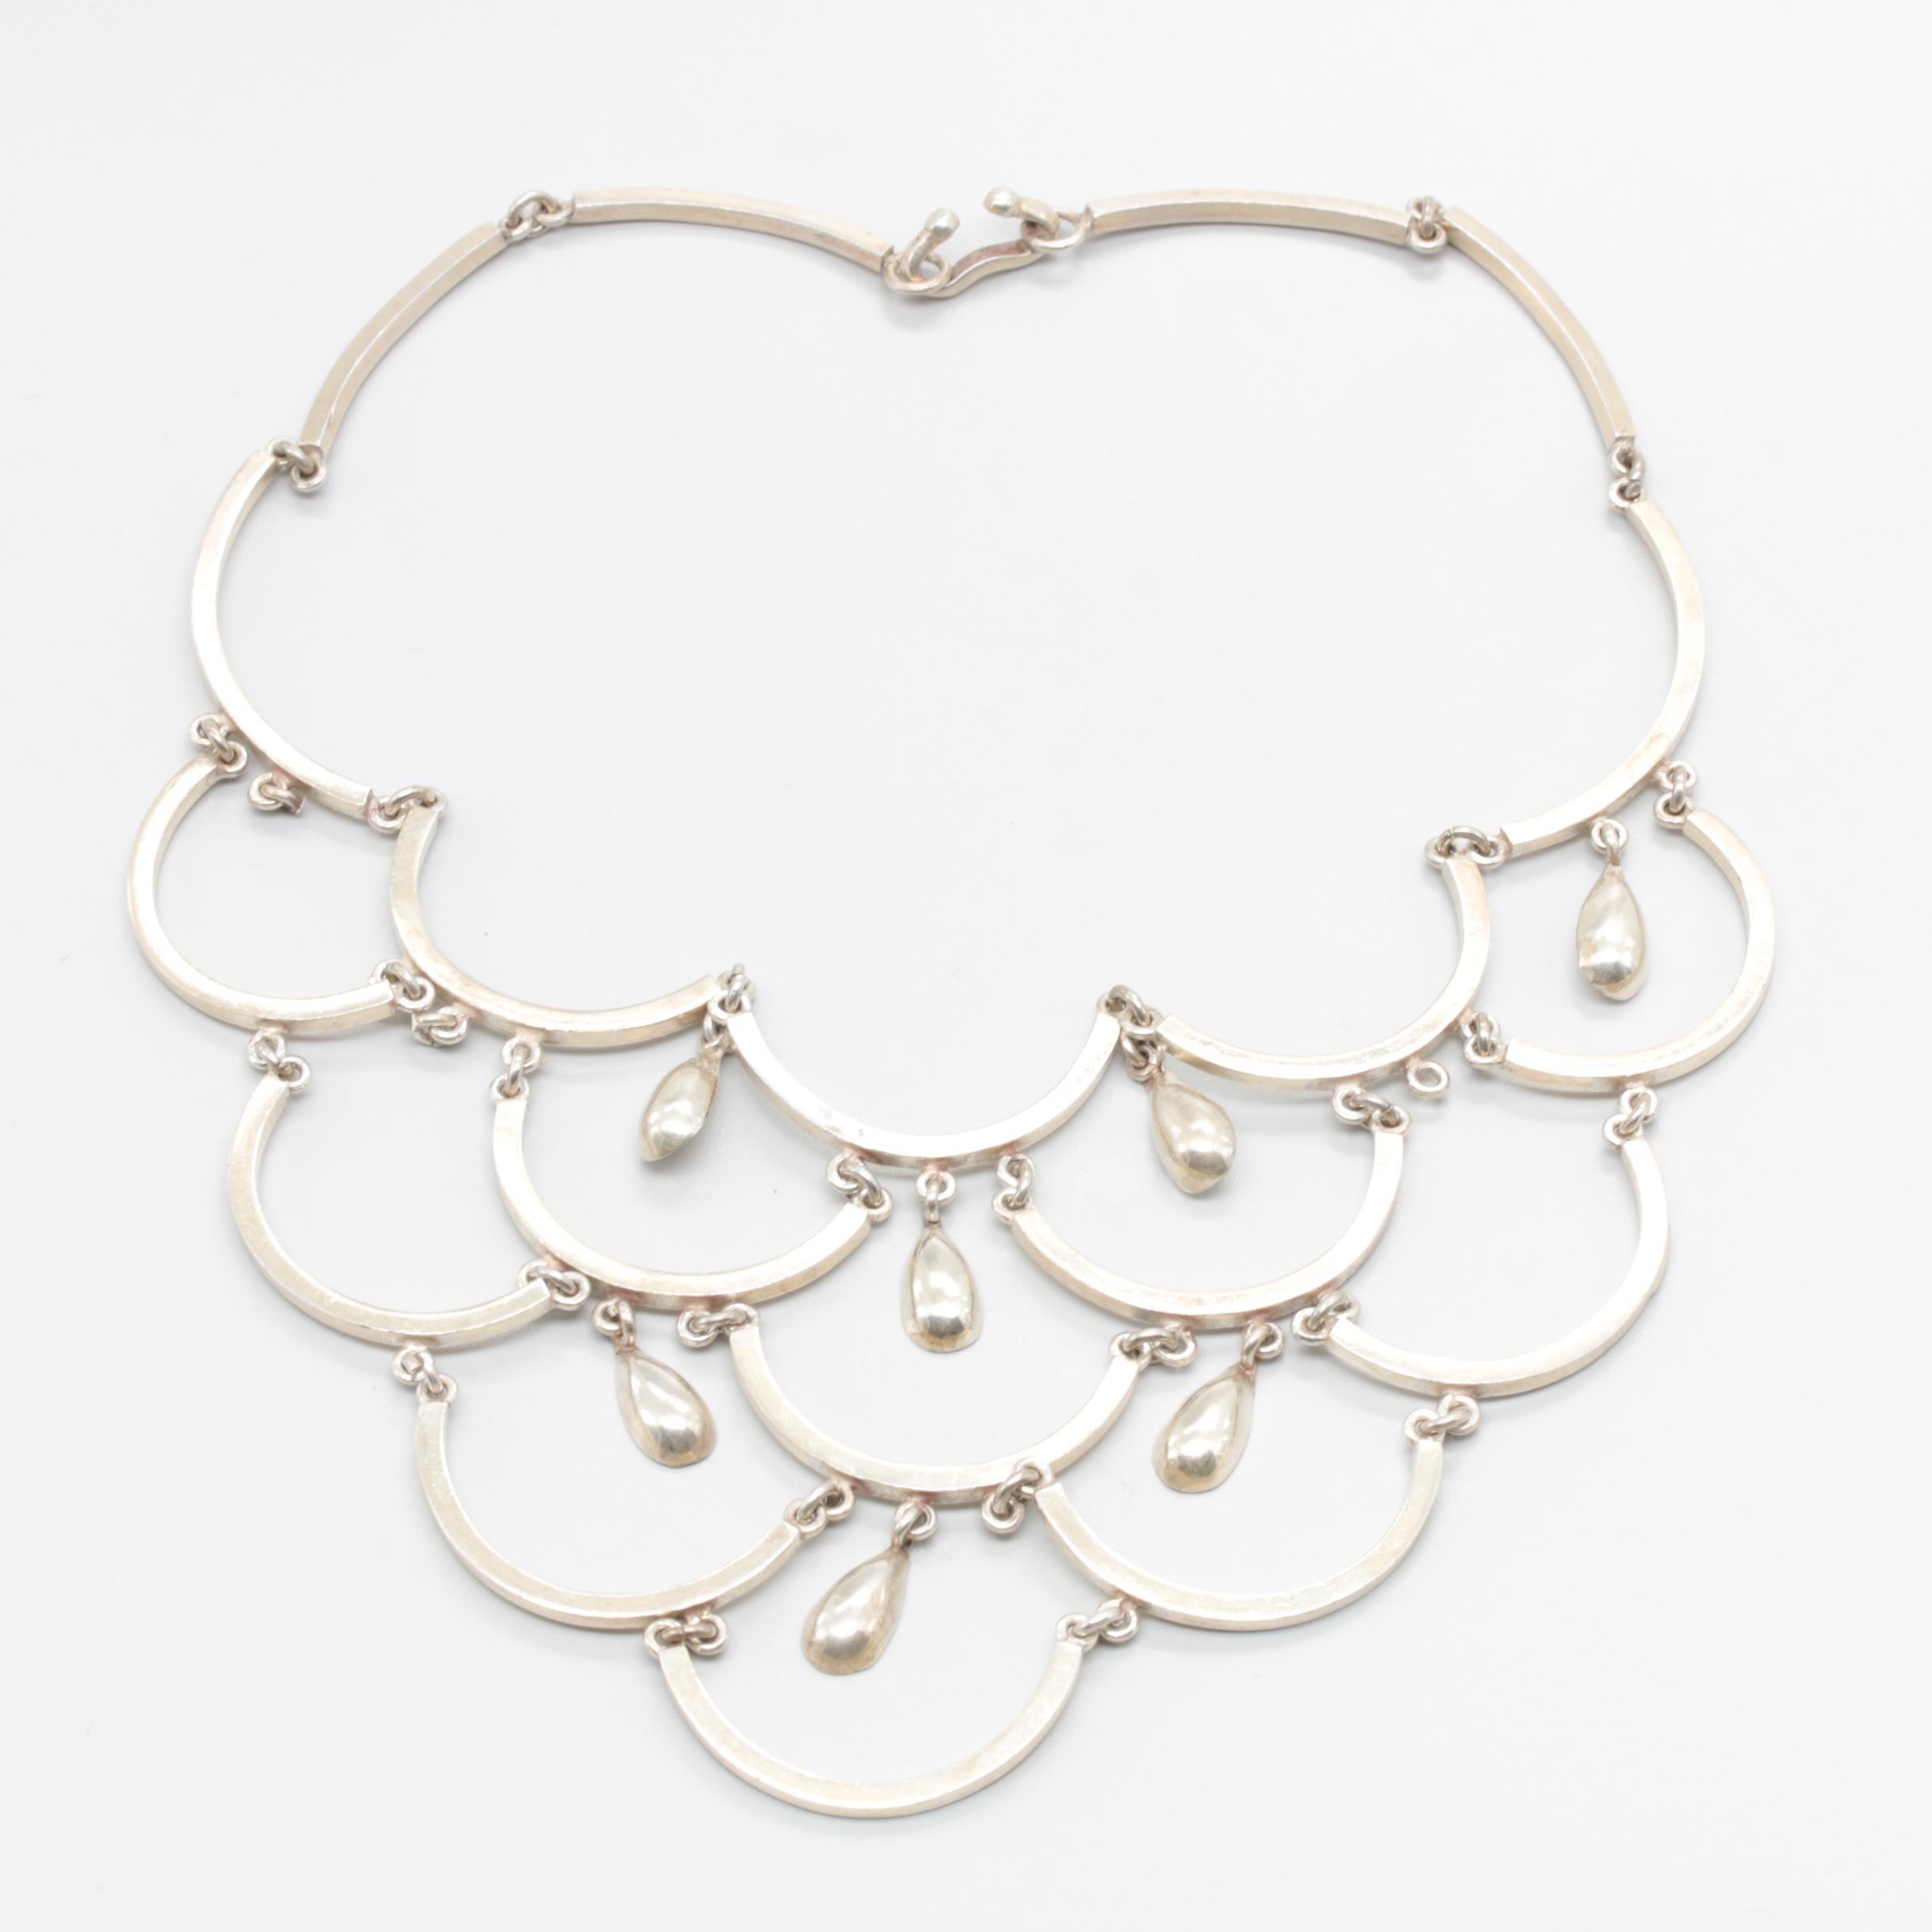 Talleres De Los Ballesteros Sterling Silver Necklace